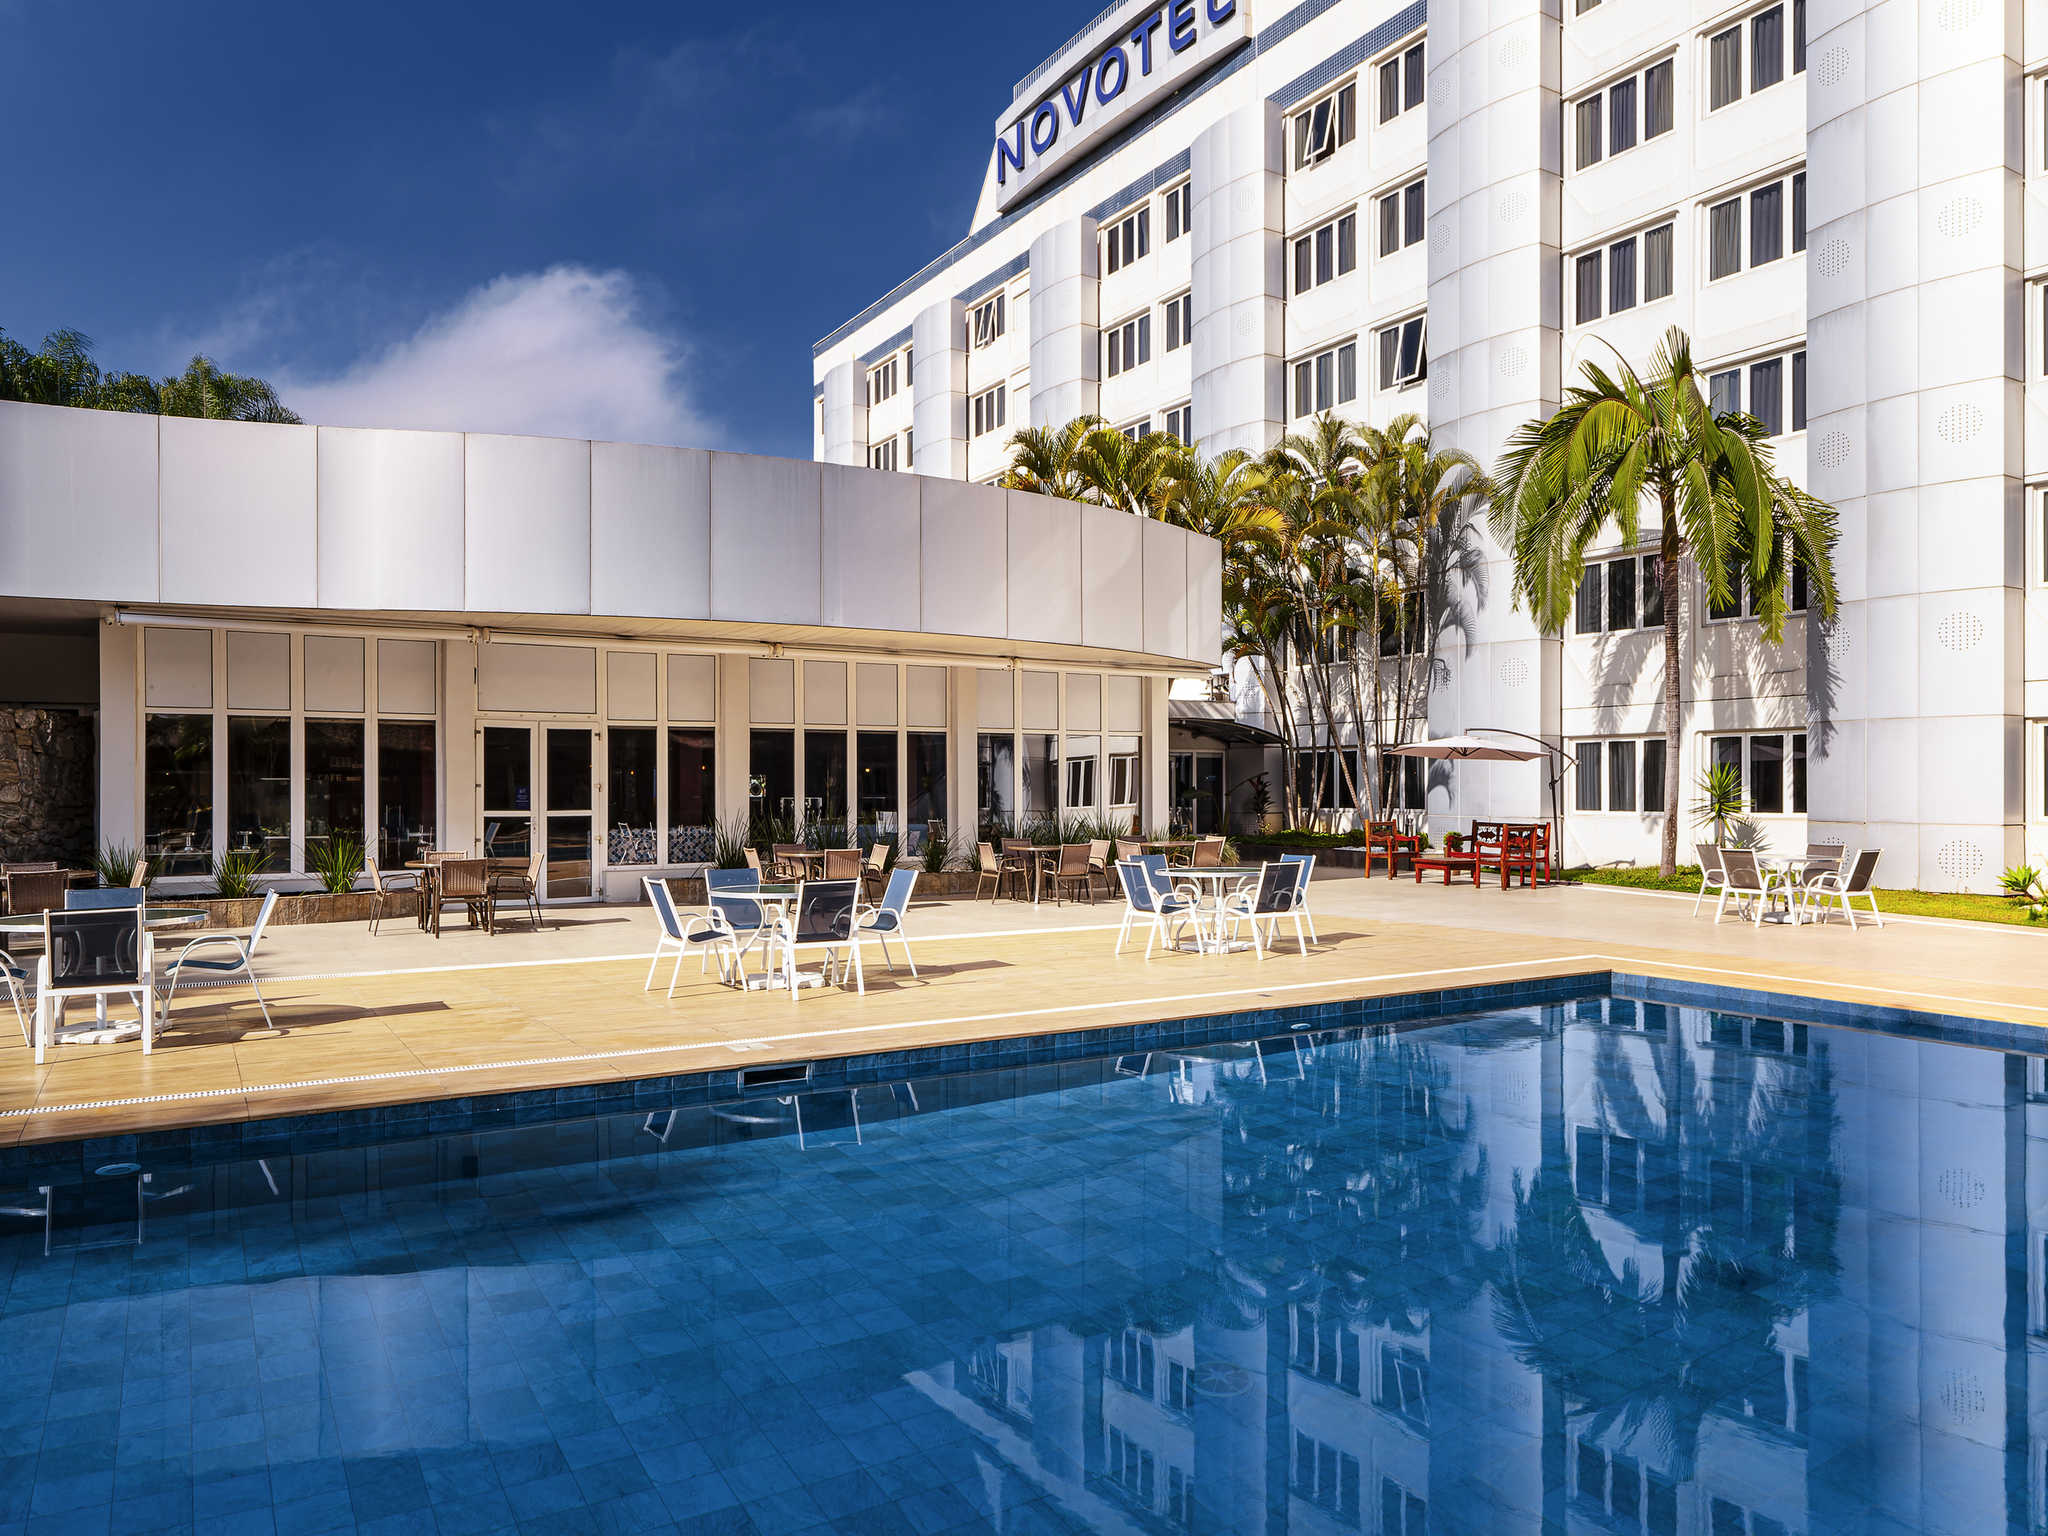 โรงแรม – Novotel São José dos Campos